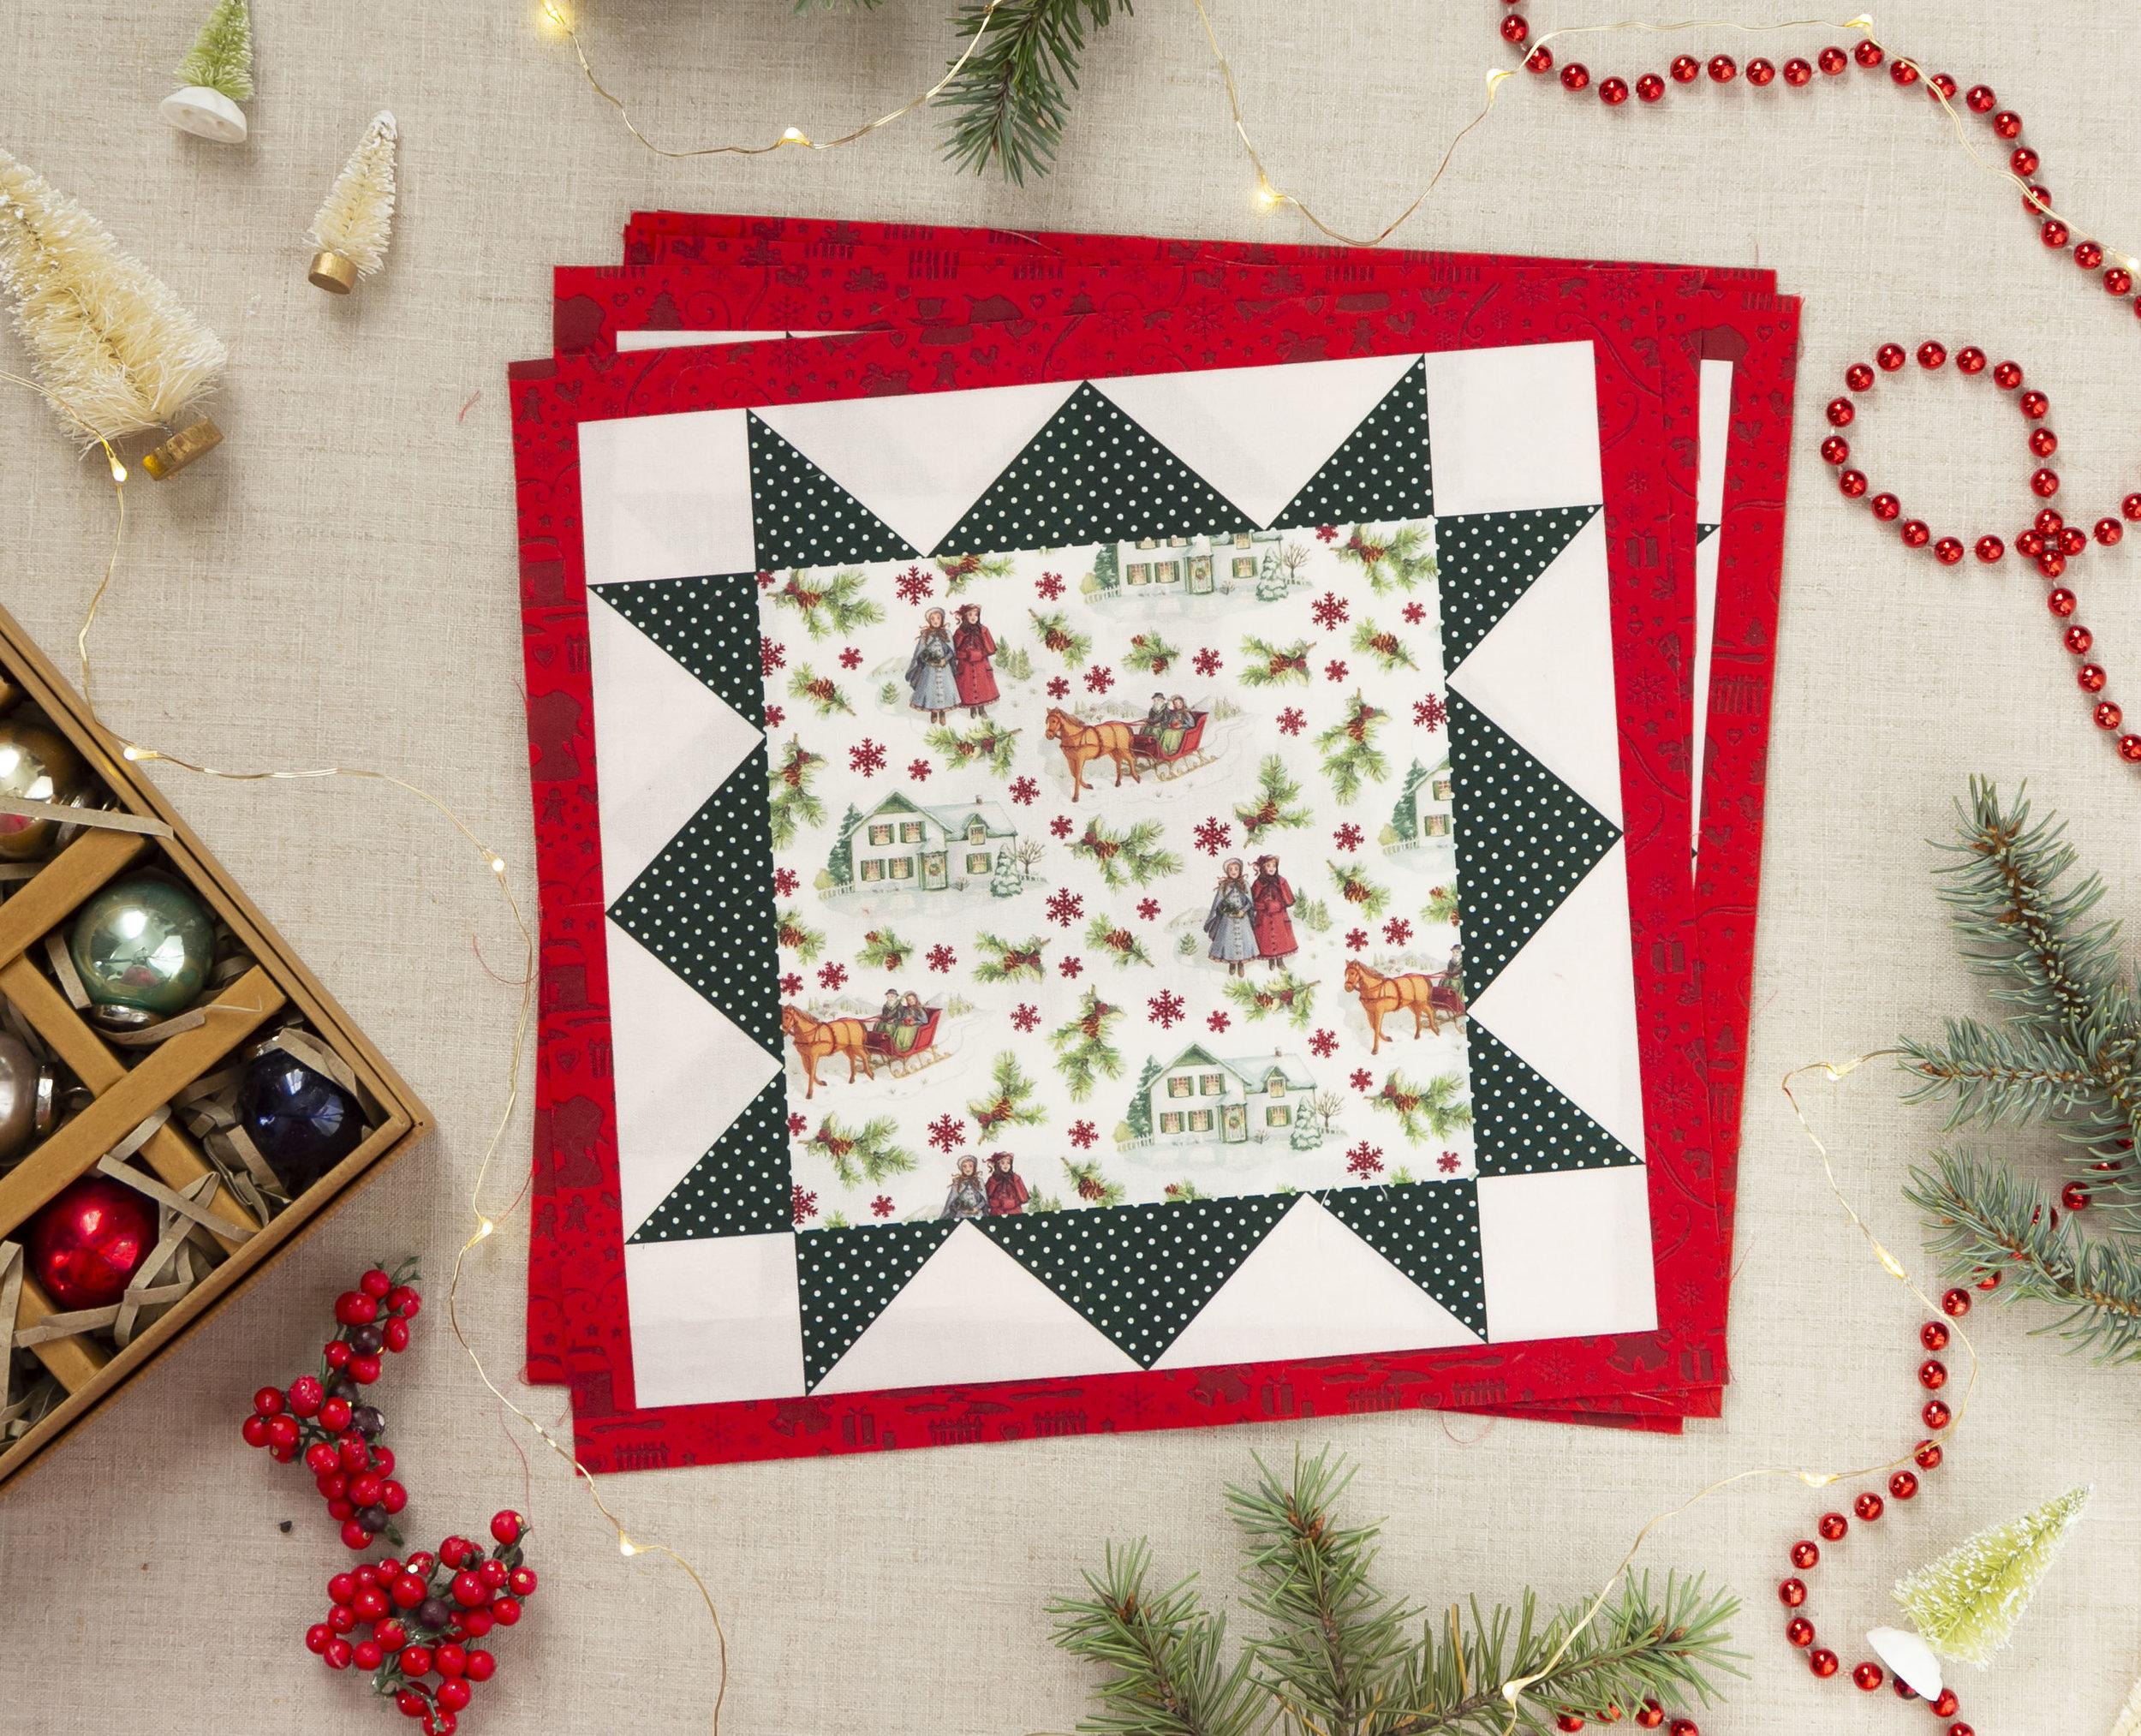 Christmas_Anne_of_Green_Gables_quilt_2018112901.jpg